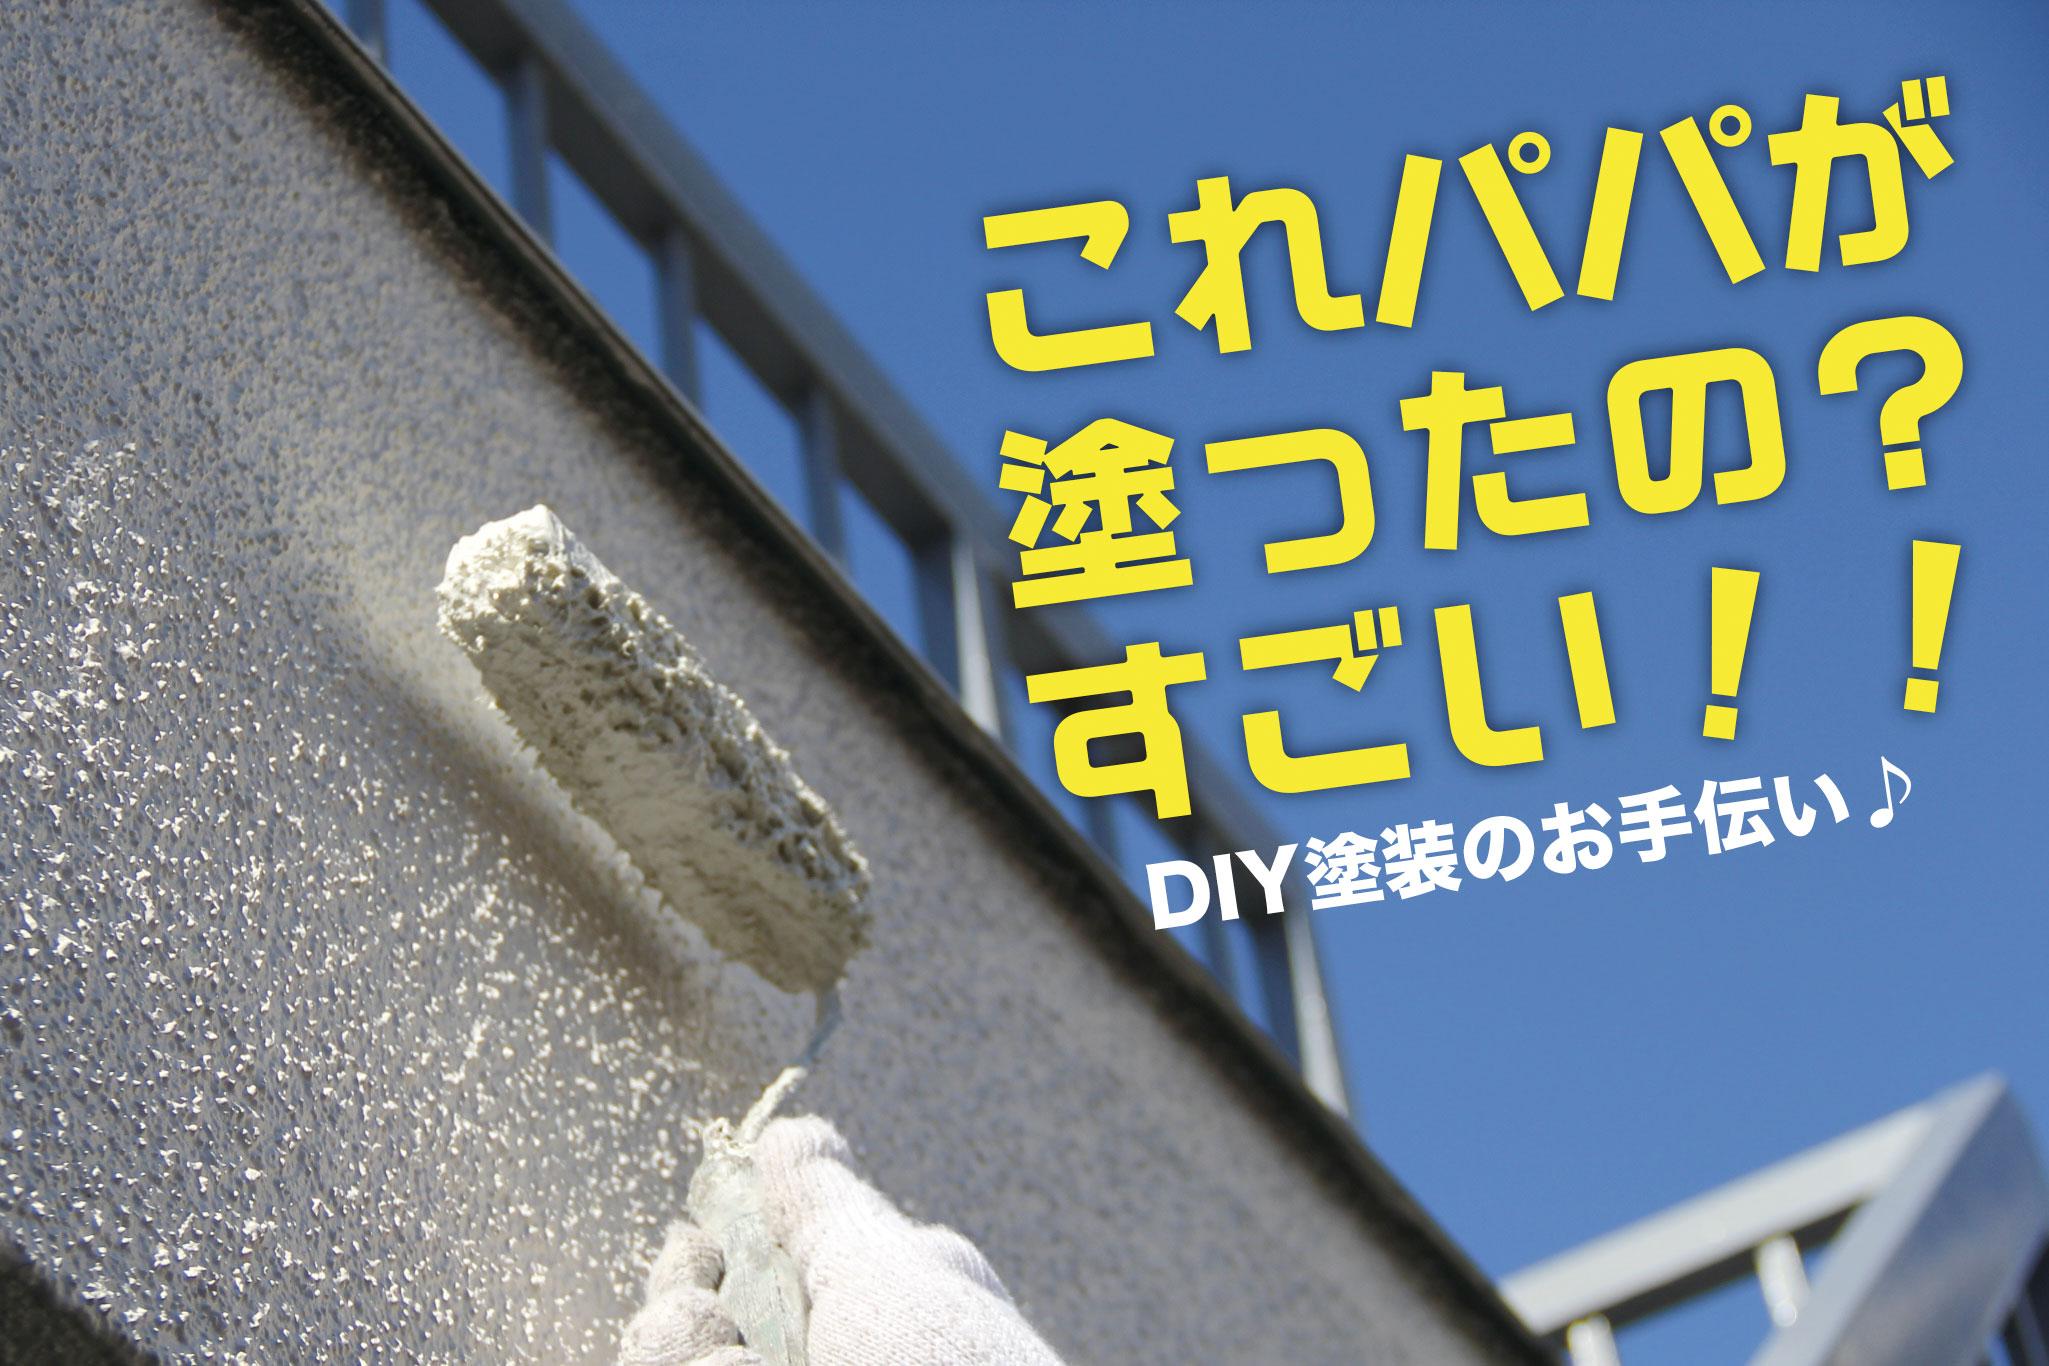 DIY塗装のお手伝い